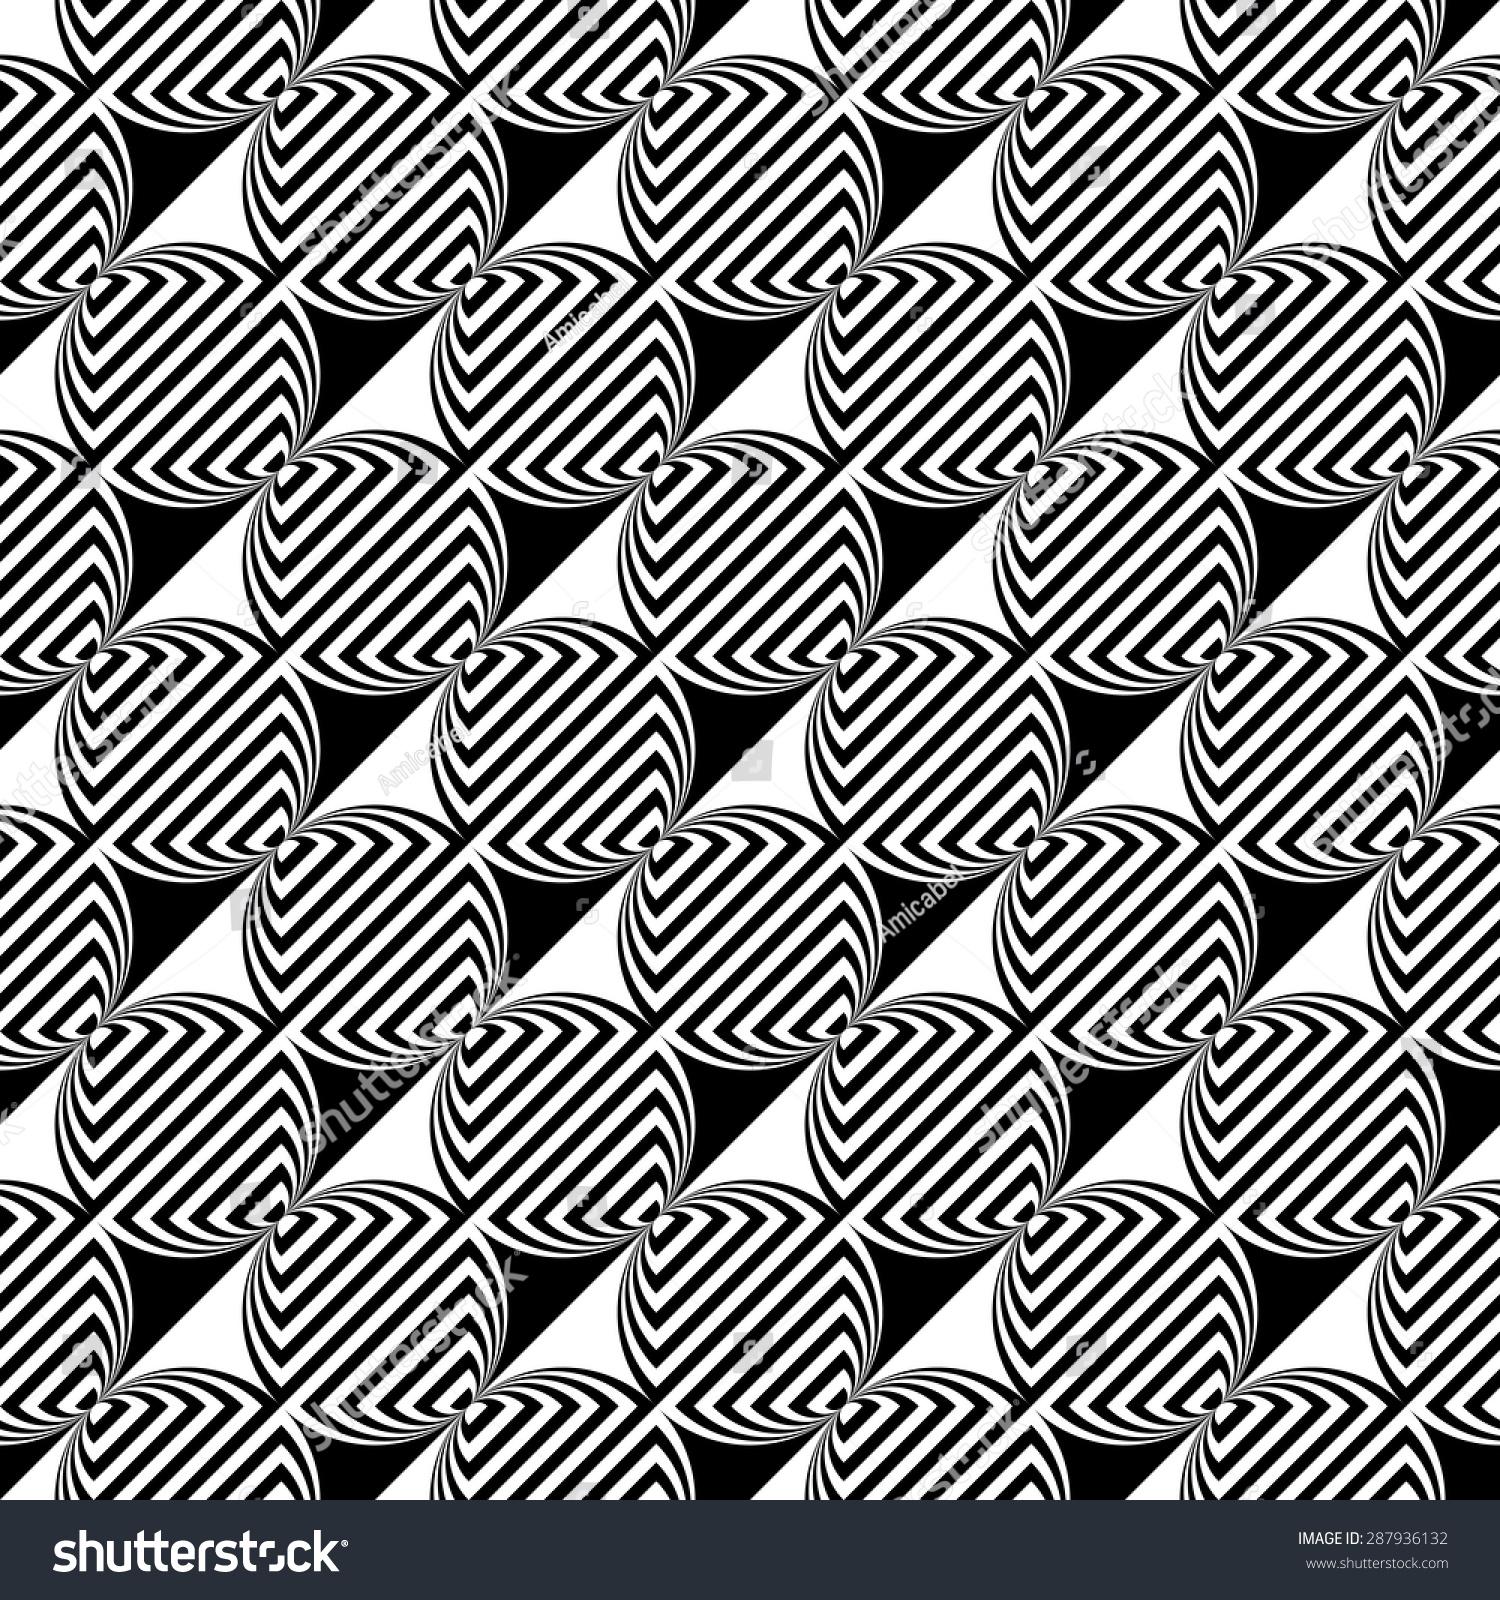 设计无缝单色椭圆几何模式.抽象条纹背景.矢量艺术.没